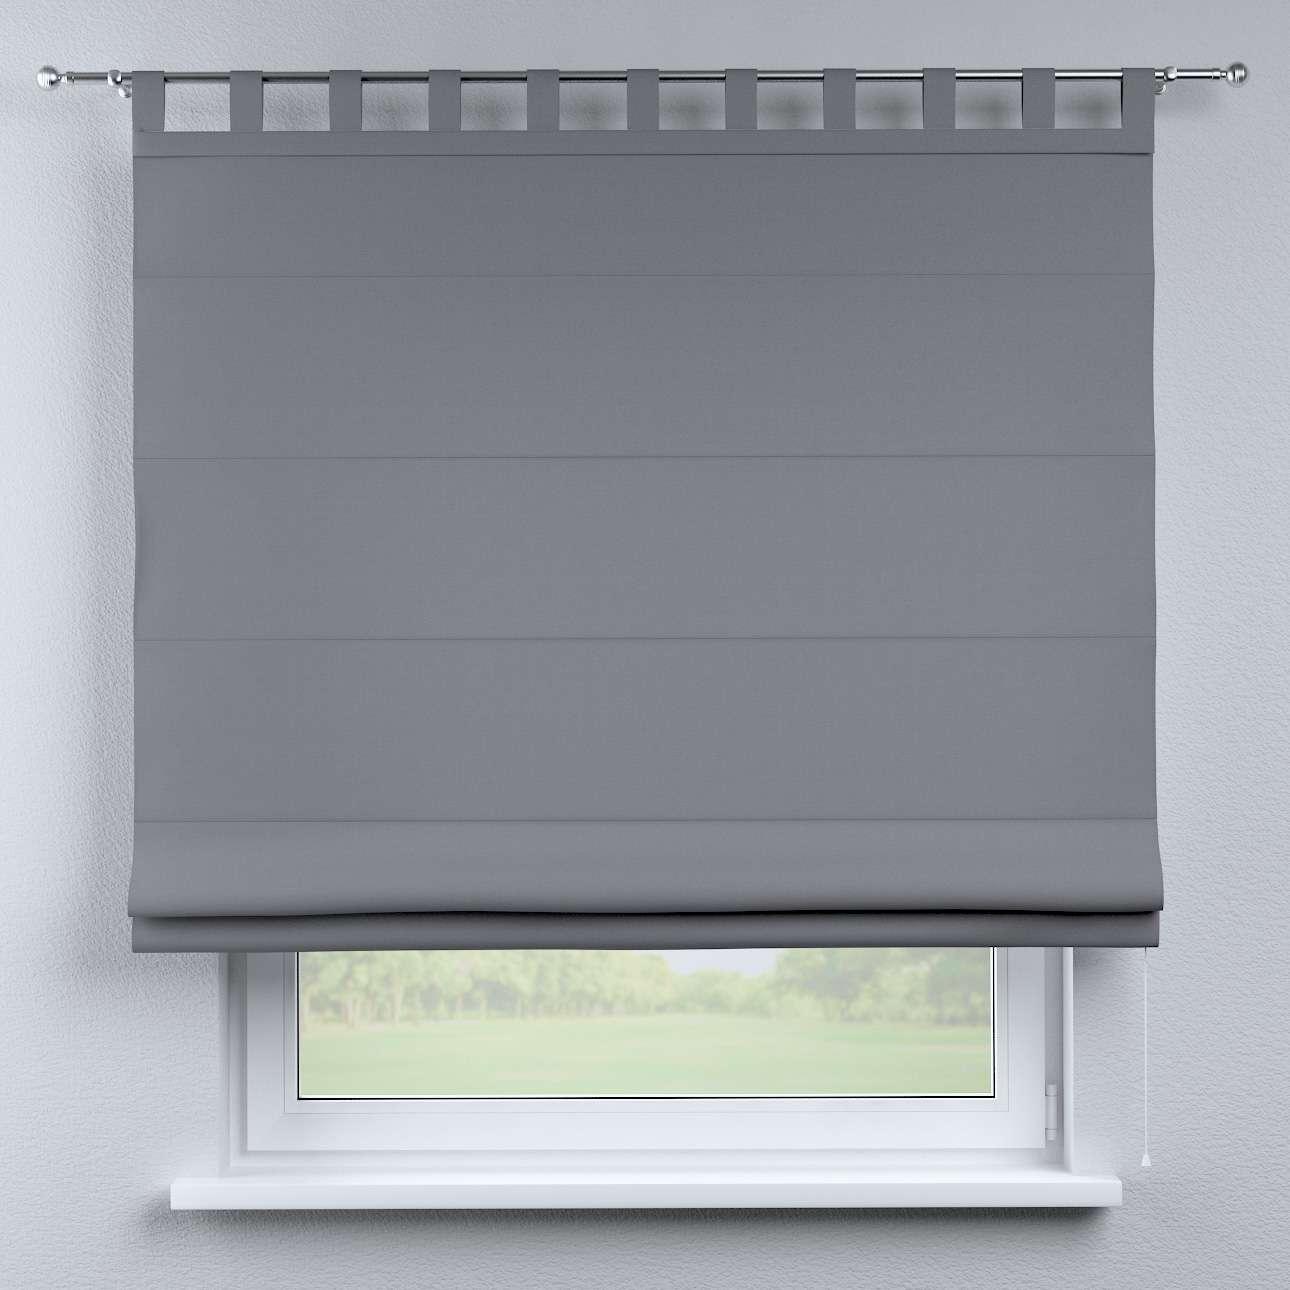 Foldegardin Verona<br/>Med stropper til gardinstang 80 x 170 cm fra kollektionen Cotton Panama, Stof: 702-07